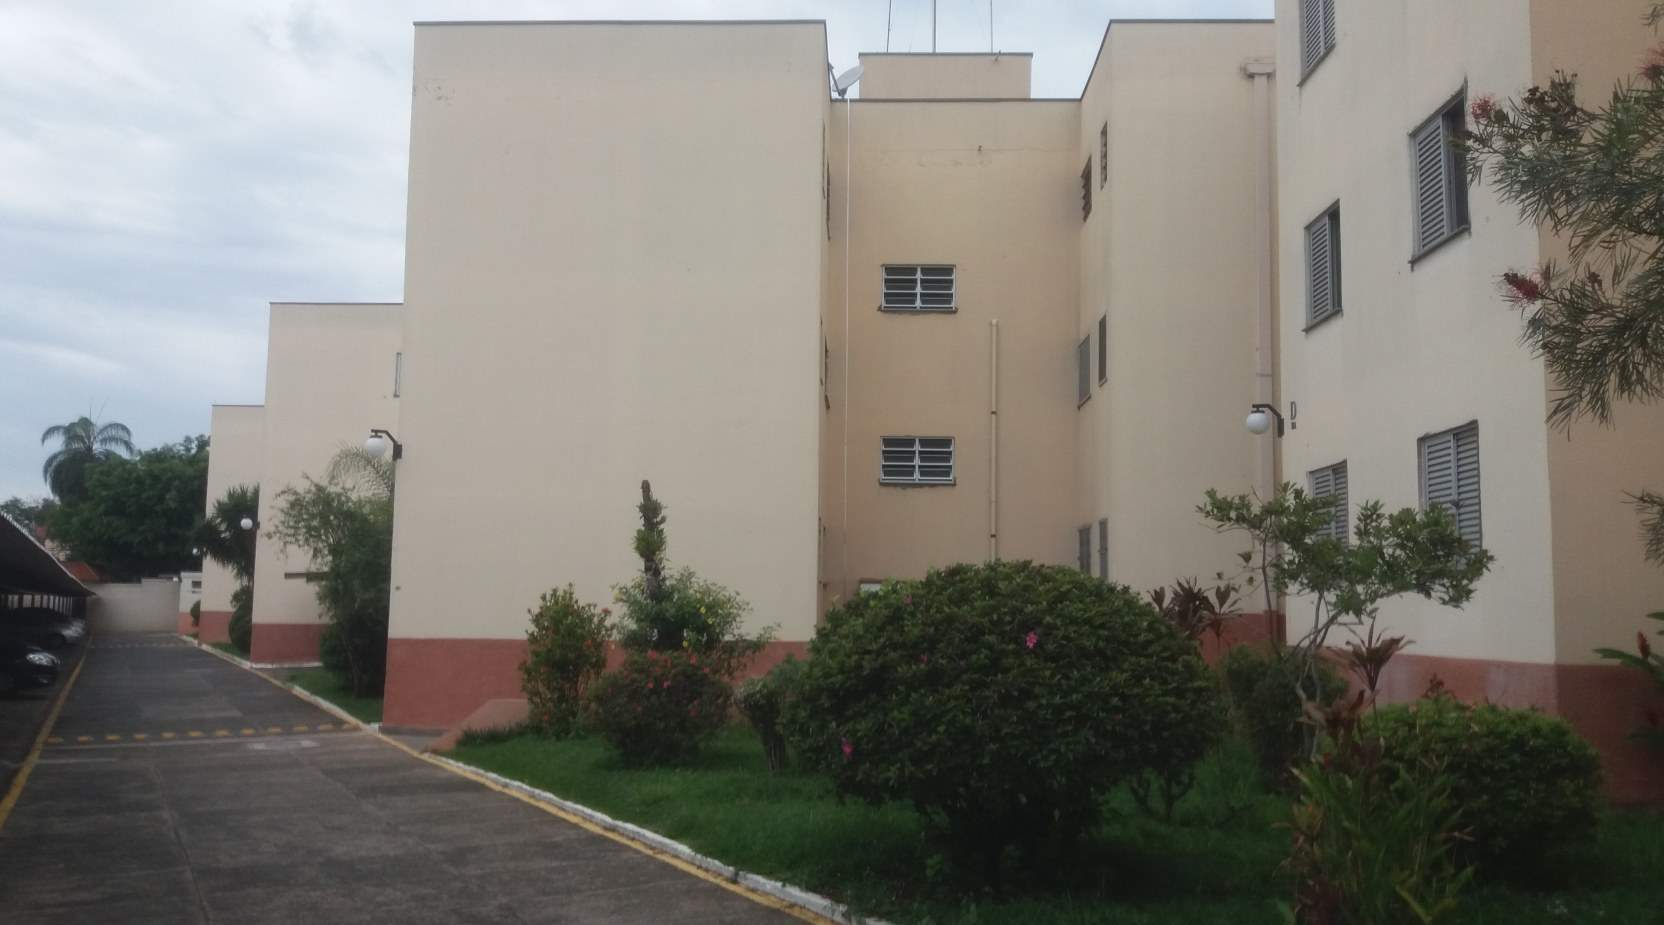 Sobre esta imagem: A opção ideal para estudantes universitários que procuram um apartamento mobiliado com três dormitórios próximo a PUCCAMP II -